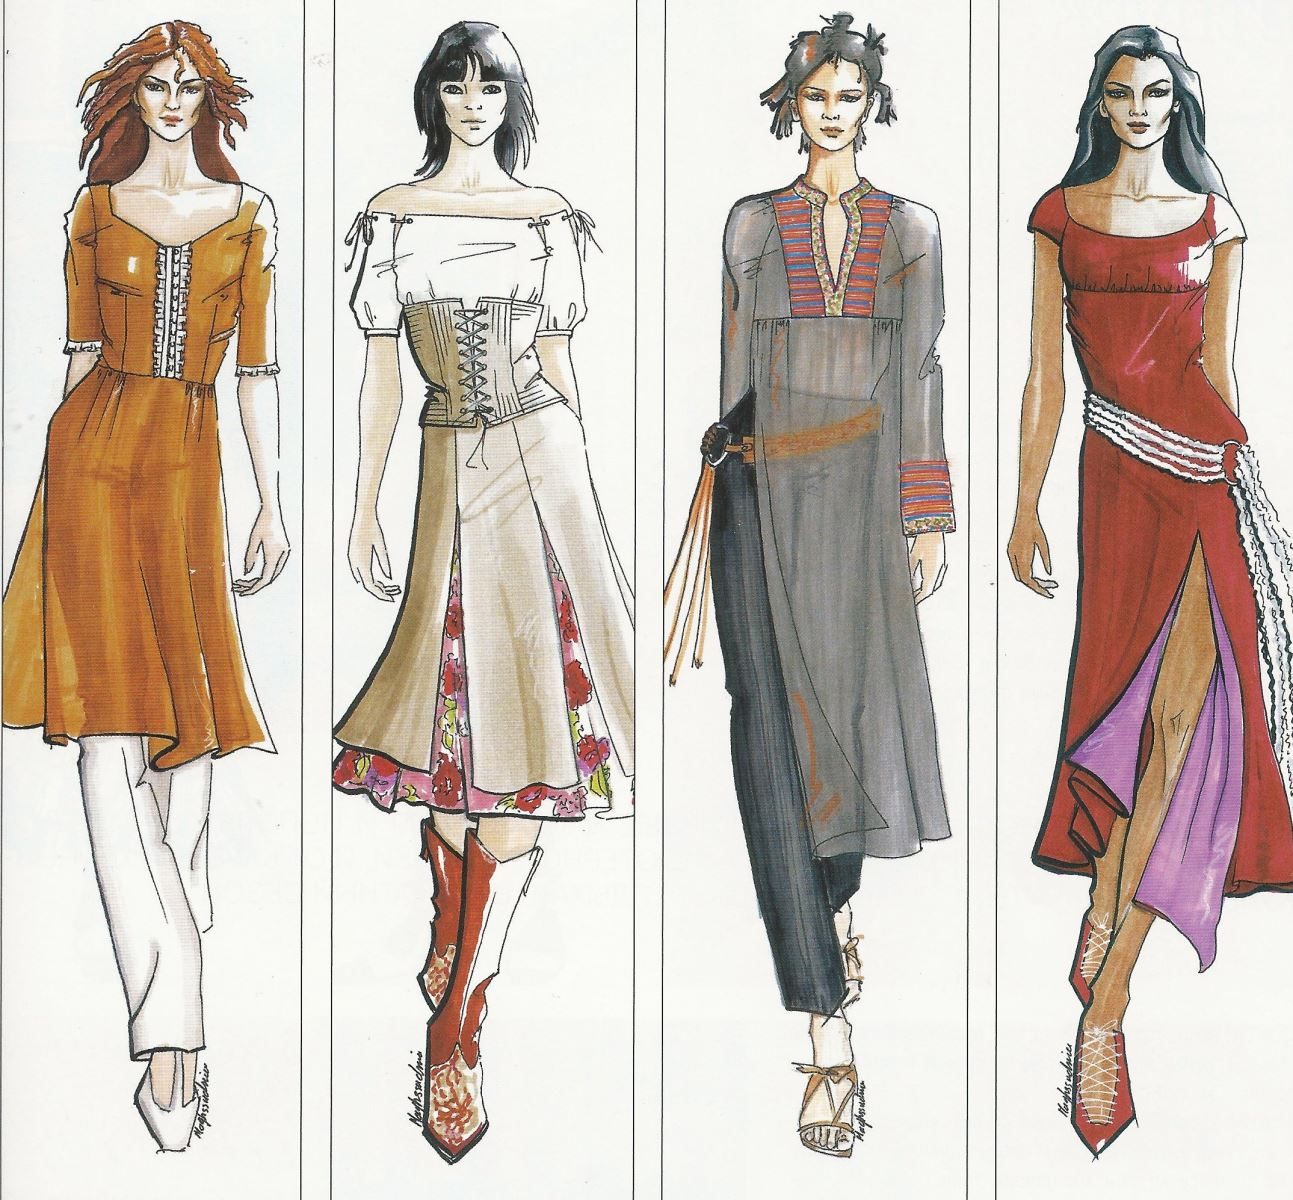 этнические костюмы рисунки хвост